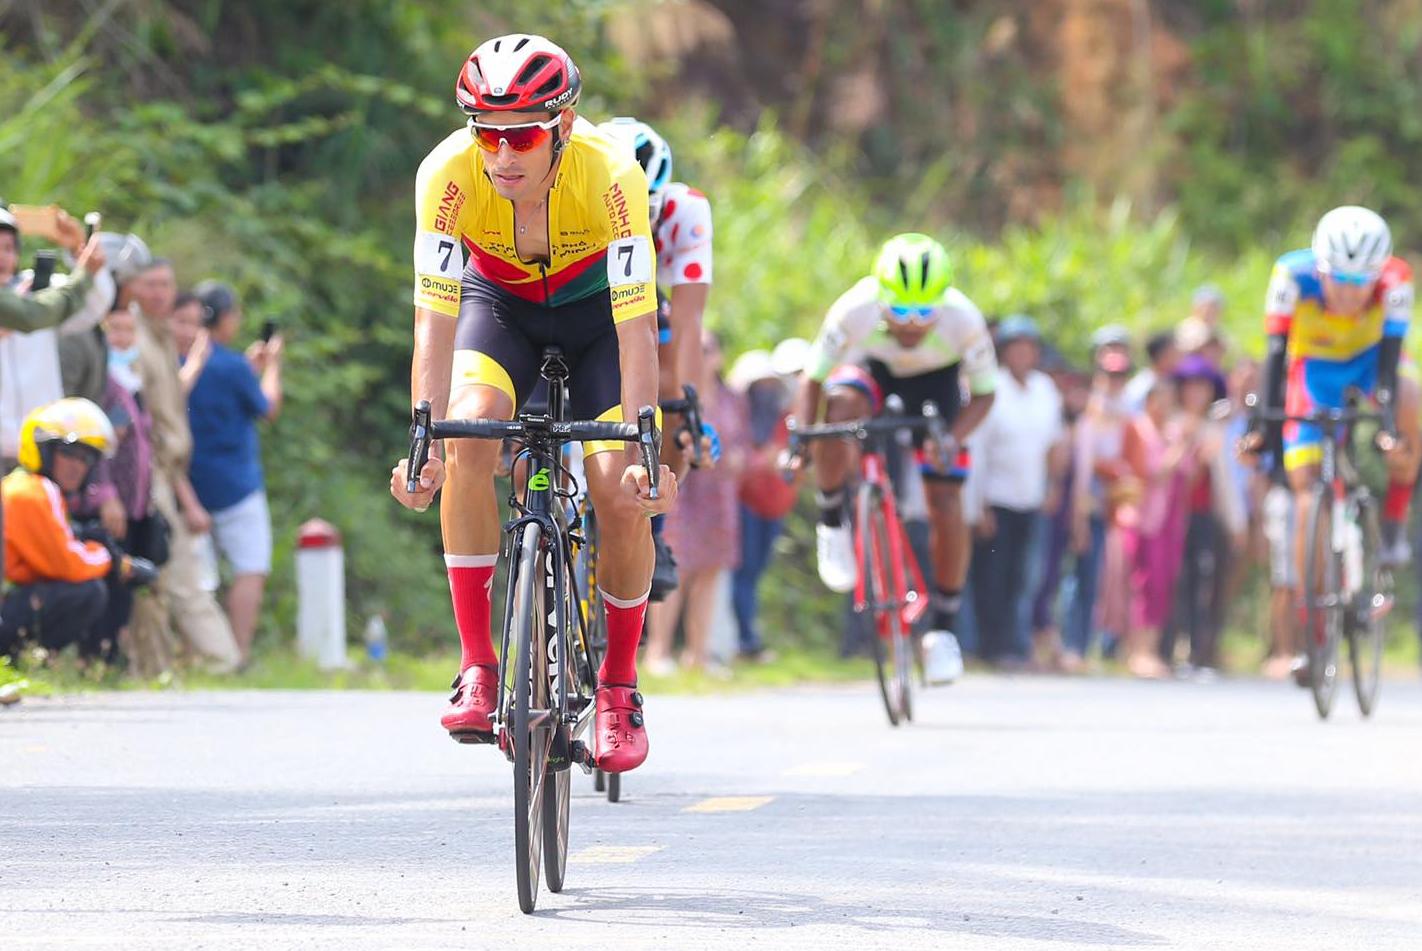 Cán đỉnh đèo Ngoạn mục đầu tiên, Javier Perez sớm giành Áo Đỏ Cup Truyền hình 2021. Ảnh: Văn Thuận.